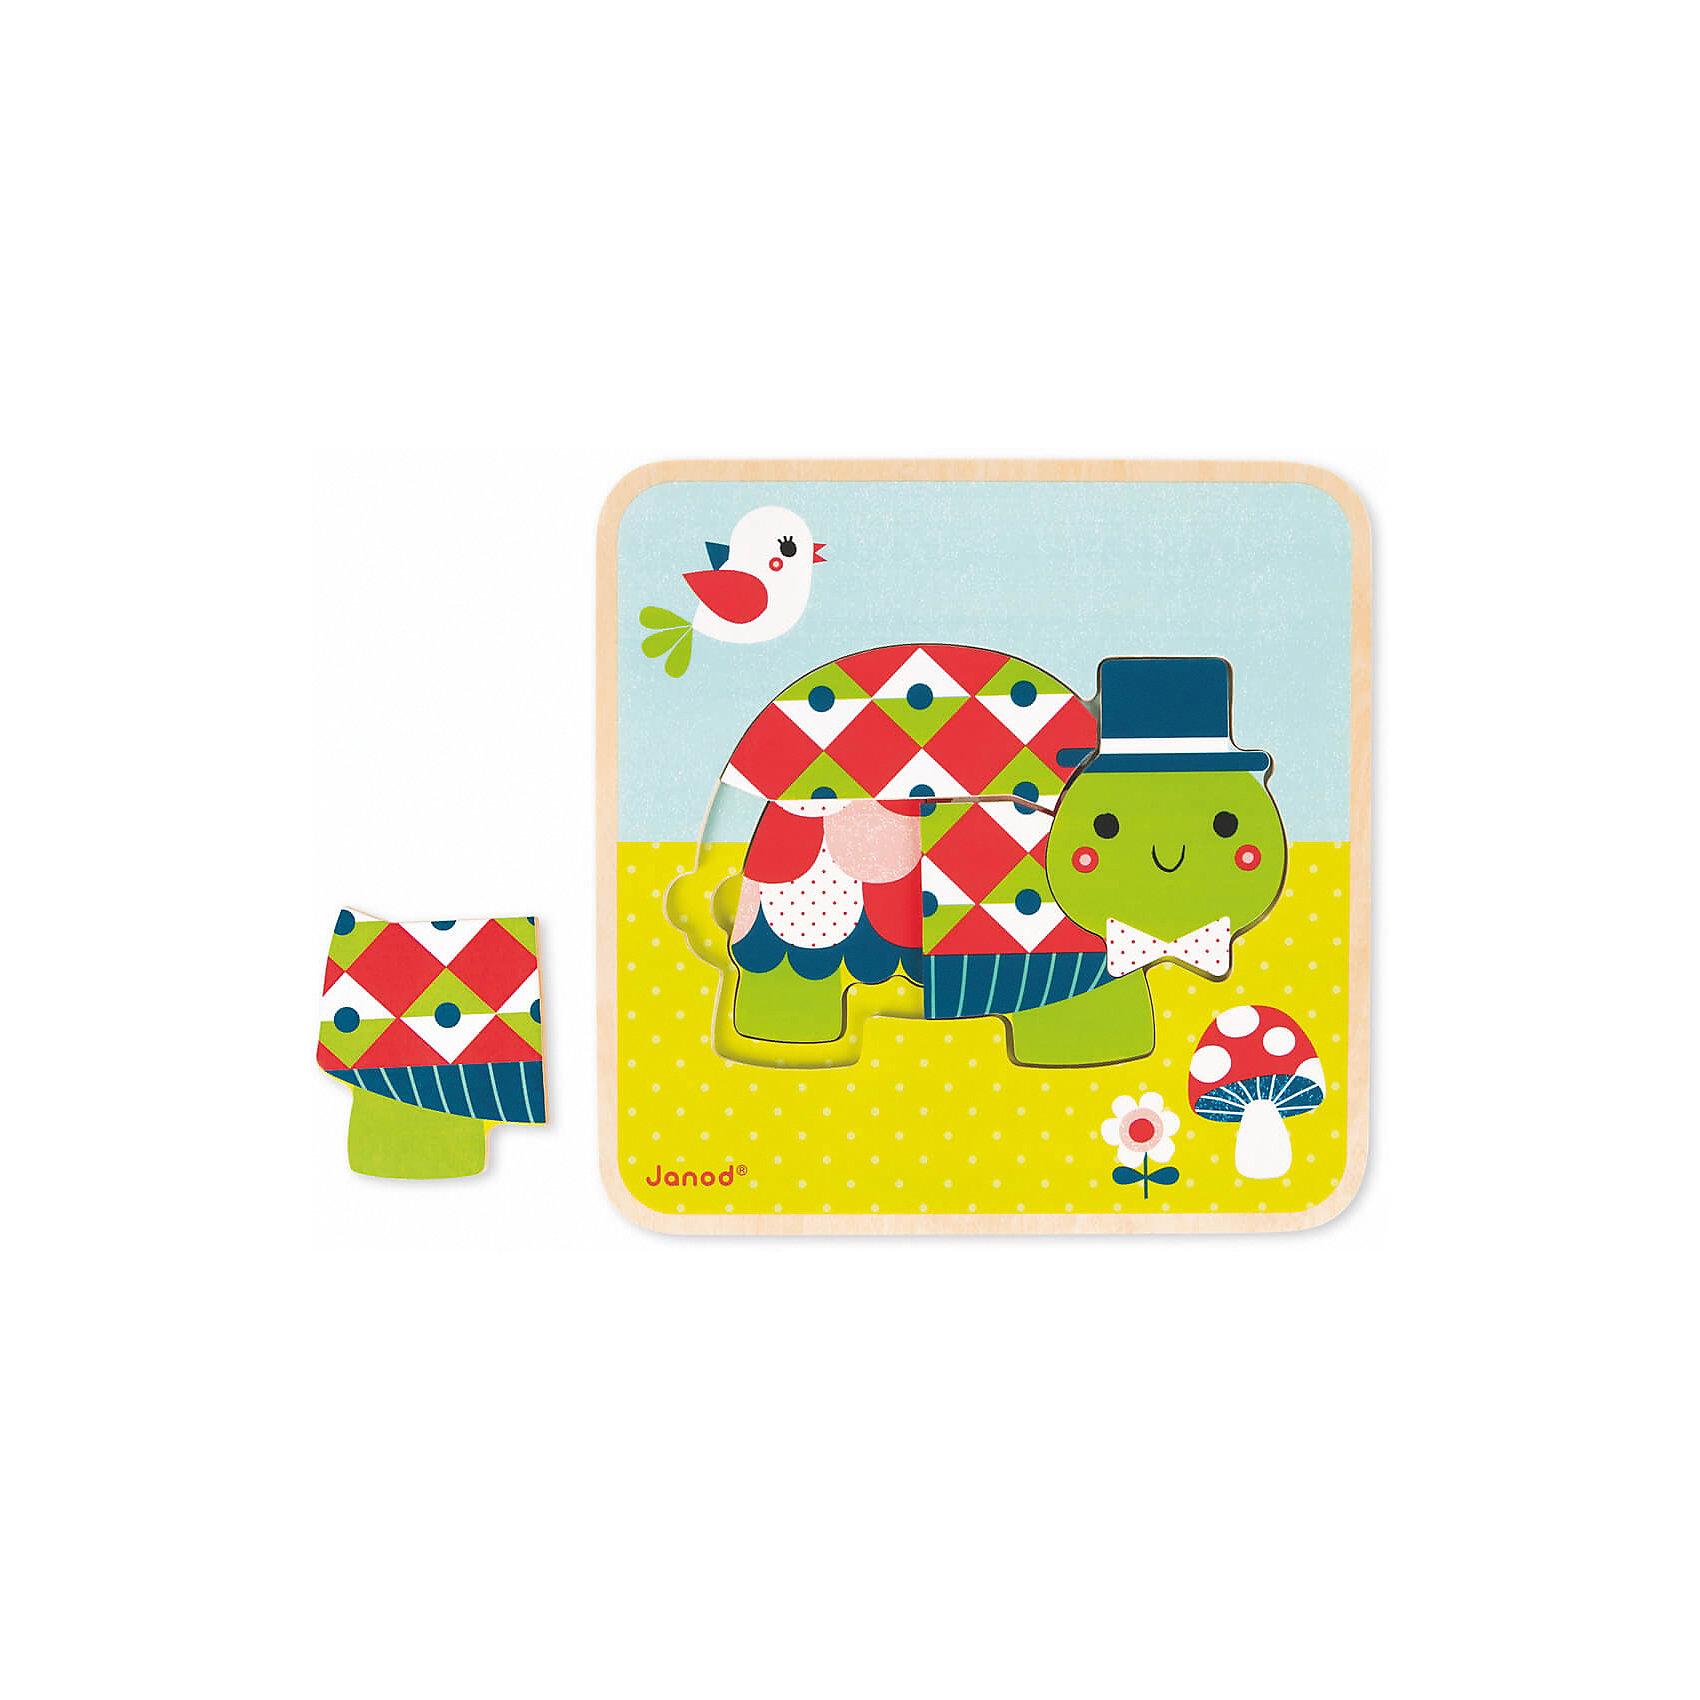 Пазл 3-х уровневый Черепашки,  JanodДеревянные пазлы<br>Пазл 3-х уровневый Черепашки, Janod (Жанод) ? игрушка-головоломка от французского бренда Janod. Пазлы от Janod (Жанод) отличает высокий художественный стиль, яркие краски, сочетаемость цветов и оттенков, простые, но добрые сюжеты и привлекательные изображения персонажей.<br>Пазл 3-х уровневый Черепашки – это инновационная разработка, представляющая собой пазл-вкладыш, который имеет три уровня сложности элементов. Всего в комплекте 9 элементов: на первом, самом простом, уровне собирается черепашонок из двух деталей, на втором – черепаха-мама из трех элементов и черепаха-папа состоит из четырех элементов. Задача ребенка заключается в том, чтобы собрать полное изображение каждого героя, при этом последующее изображение собирается поверх предыдущего. <br>Собирая пазлы,  ребенок развивает образное и логическое мышление, тренирует память и внимательность, приучается к усидчивости. При составлении рассказа по картинке ? развивает воображение и обучается связной речи.  <br>Пазл 3-х уровневый Черепашки, Janod (Жанод) упакован в картонную коробку, на которой имеется инструкция по сборке пазлов и образцы собранных изображений.<br><br>Дополнительная информация:<br><br>- Вид игр: игры-головоломки, сюжетно-ролевые<br>- Предназначение: для дома<br>- Материал: дерево<br>- Комплектация: 9 элементов, коробка<br>- Размер (Д*Ш*В): 25*25*4 см<br>- Вес: 580 г <br>- Пол: для девочек/для мальчиков<br>- Особенности ухода: можно протирать сухой губкой<br><br>Подробнее:<br><br>• Для детей в возрасте: от 2 лет <br>• Страна производитель: Китай<br>• Торговый бренд: Janod<br><br>Пазл 3-х уровневый Черепашки, Janod (Жанод) можно купить в нашем интернет-магазине.<br><br>Ширина мм: 25<br>Глубина мм: 4<br>Высота мм: 25<br>Вес г: 600<br>Возраст от месяцев: 24<br>Возраст до месяцев: 2147483647<br>Пол: Унисекс<br>Возраст: Детский<br>SKU: 4871783